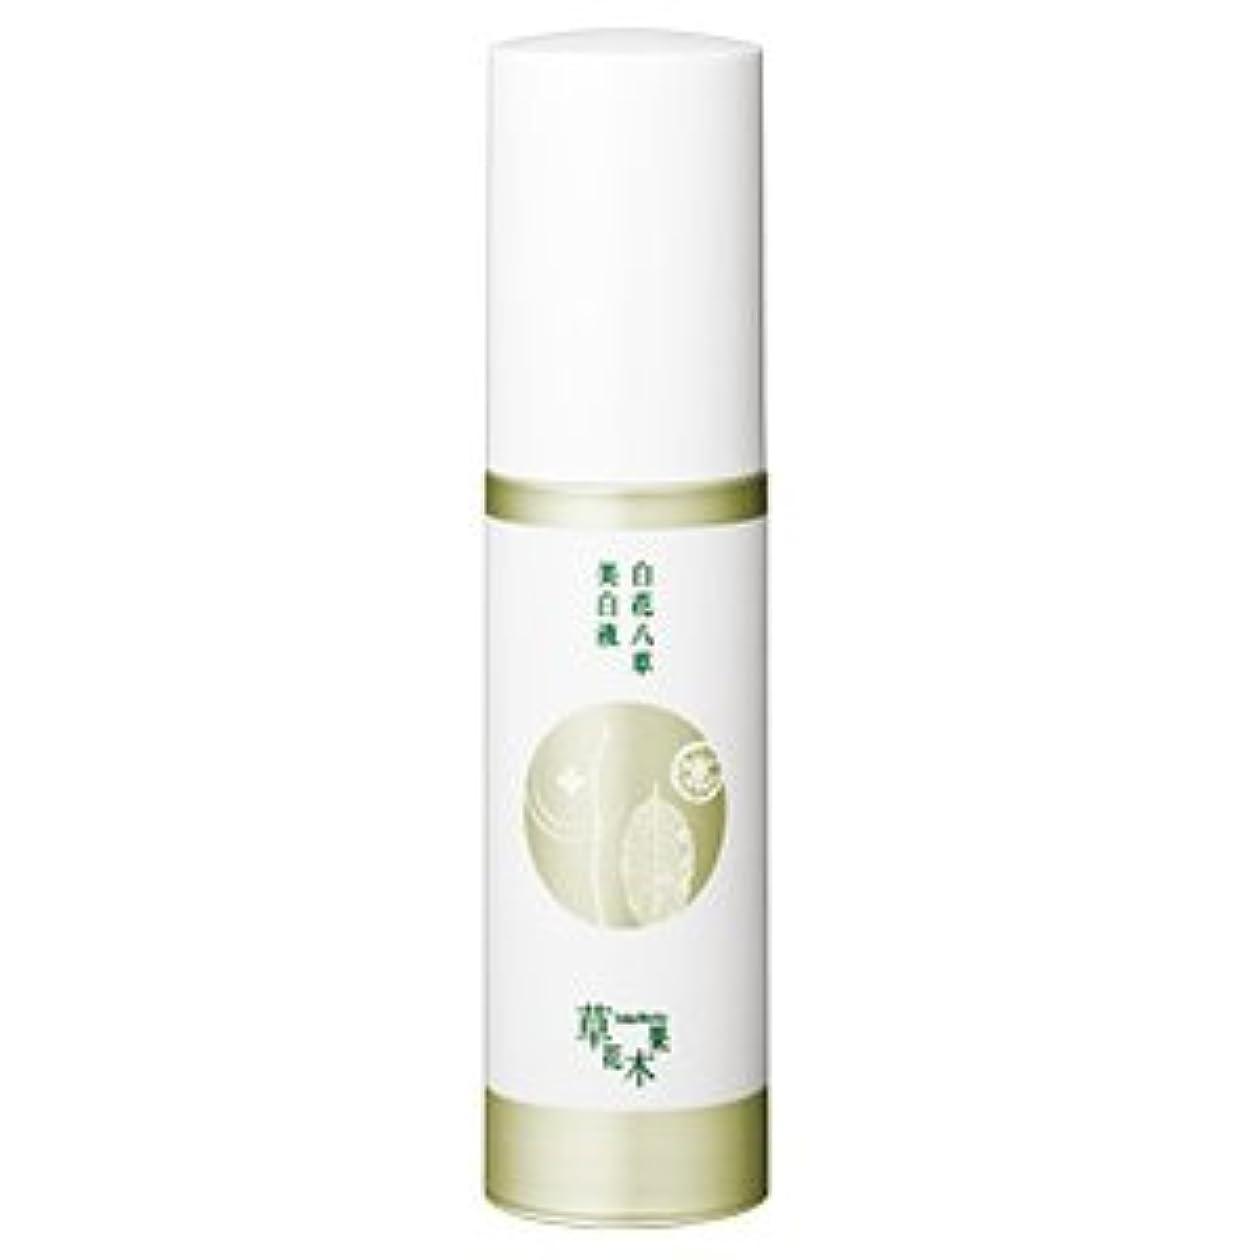 スポンジ更新する魅了する草花木果(そうかもっか) 白花八草美白液(医薬部外品) 30mL